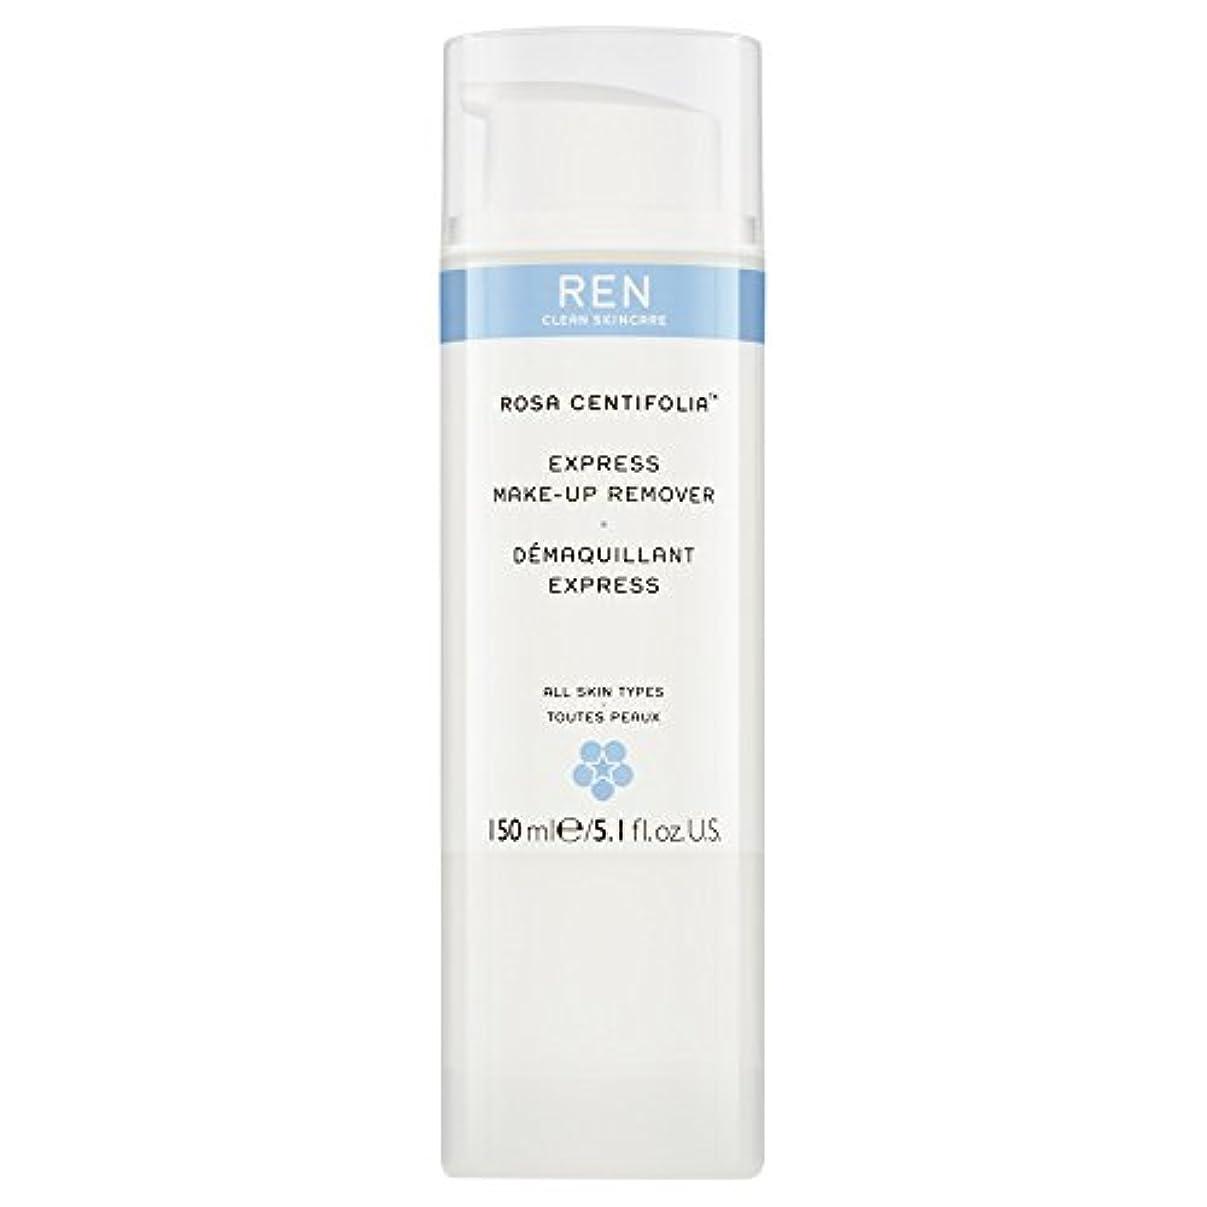 壊滅的な階段除外するRenローザセンチフォリアバラメイクアップリムーバー150ミリリットル (REN) (x6) - REN Rosa Centifolia Makeup Remover 150ml (Pack of 6) [並行輸入品]